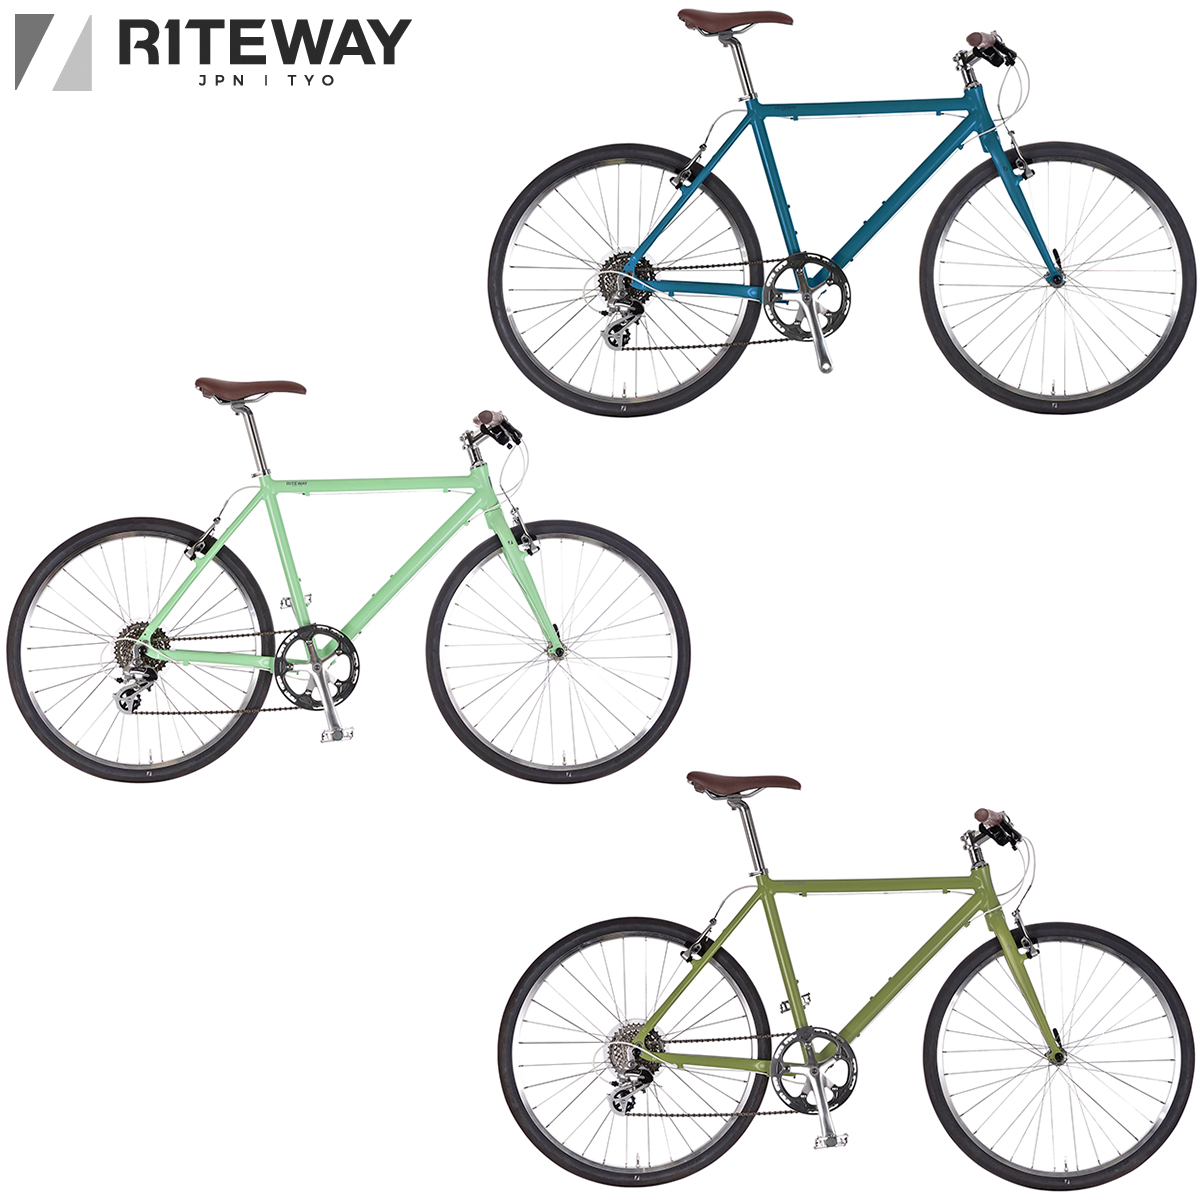 最短即日出荷 完全組立 メーカー公式 発送 ライトウェイ シェファード 2020-2021継続 RITEWAY SHEPHERDクロスバイク 人気 おすすめ